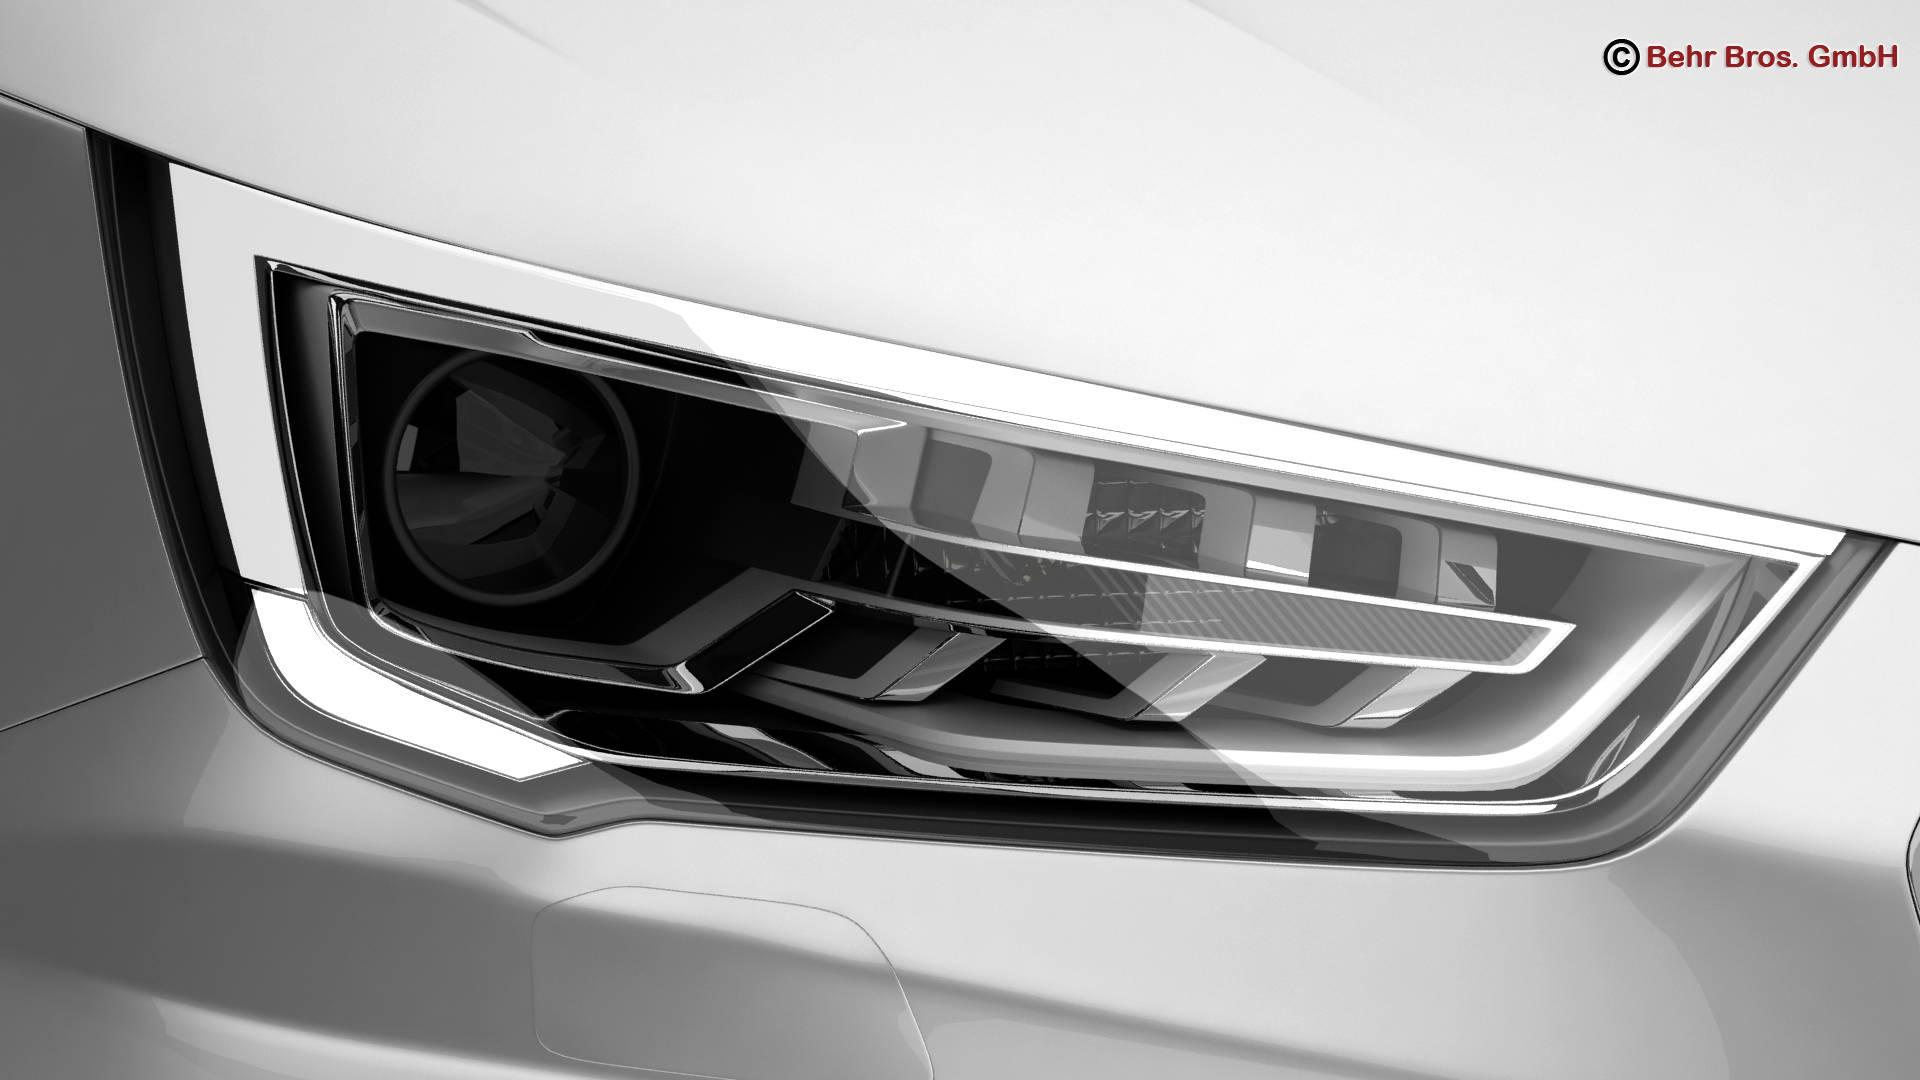 Audi a1 2015 3d model 3ds max fbx c4d am fwy o wybodaeth 214704